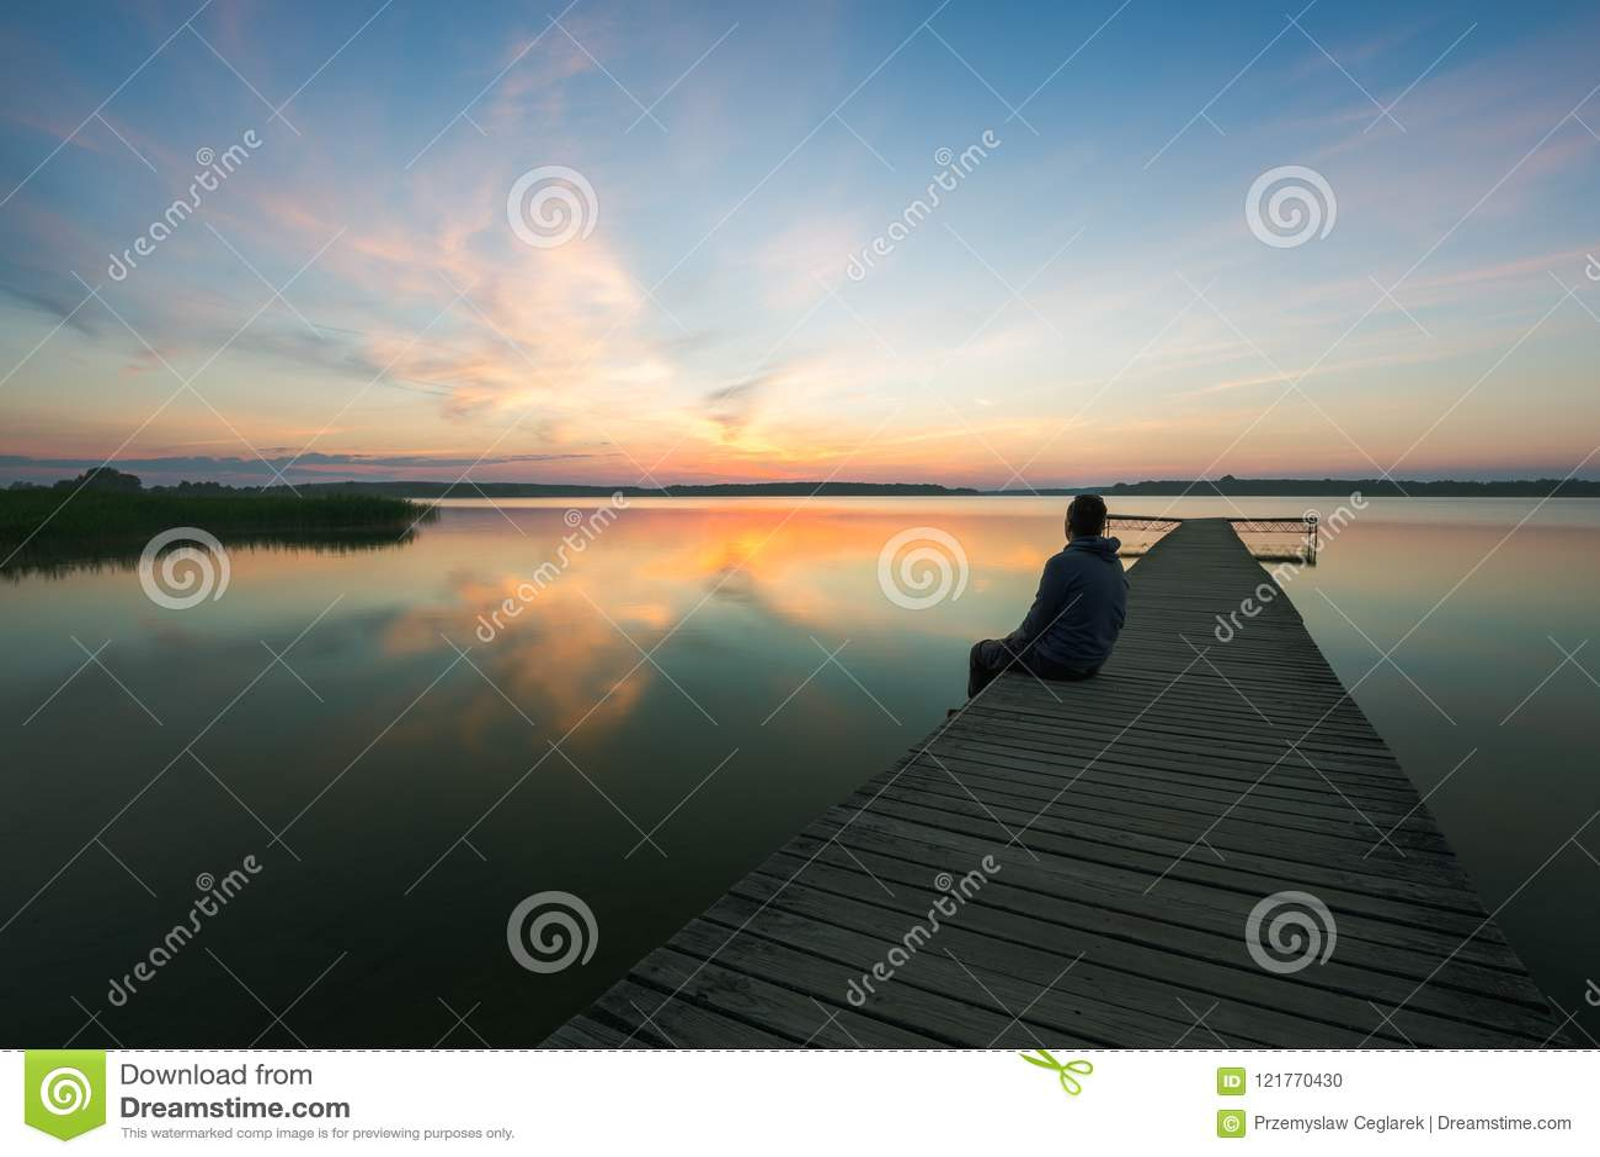 Ξύλινος λιμενοβραχίονας στη λίμνη